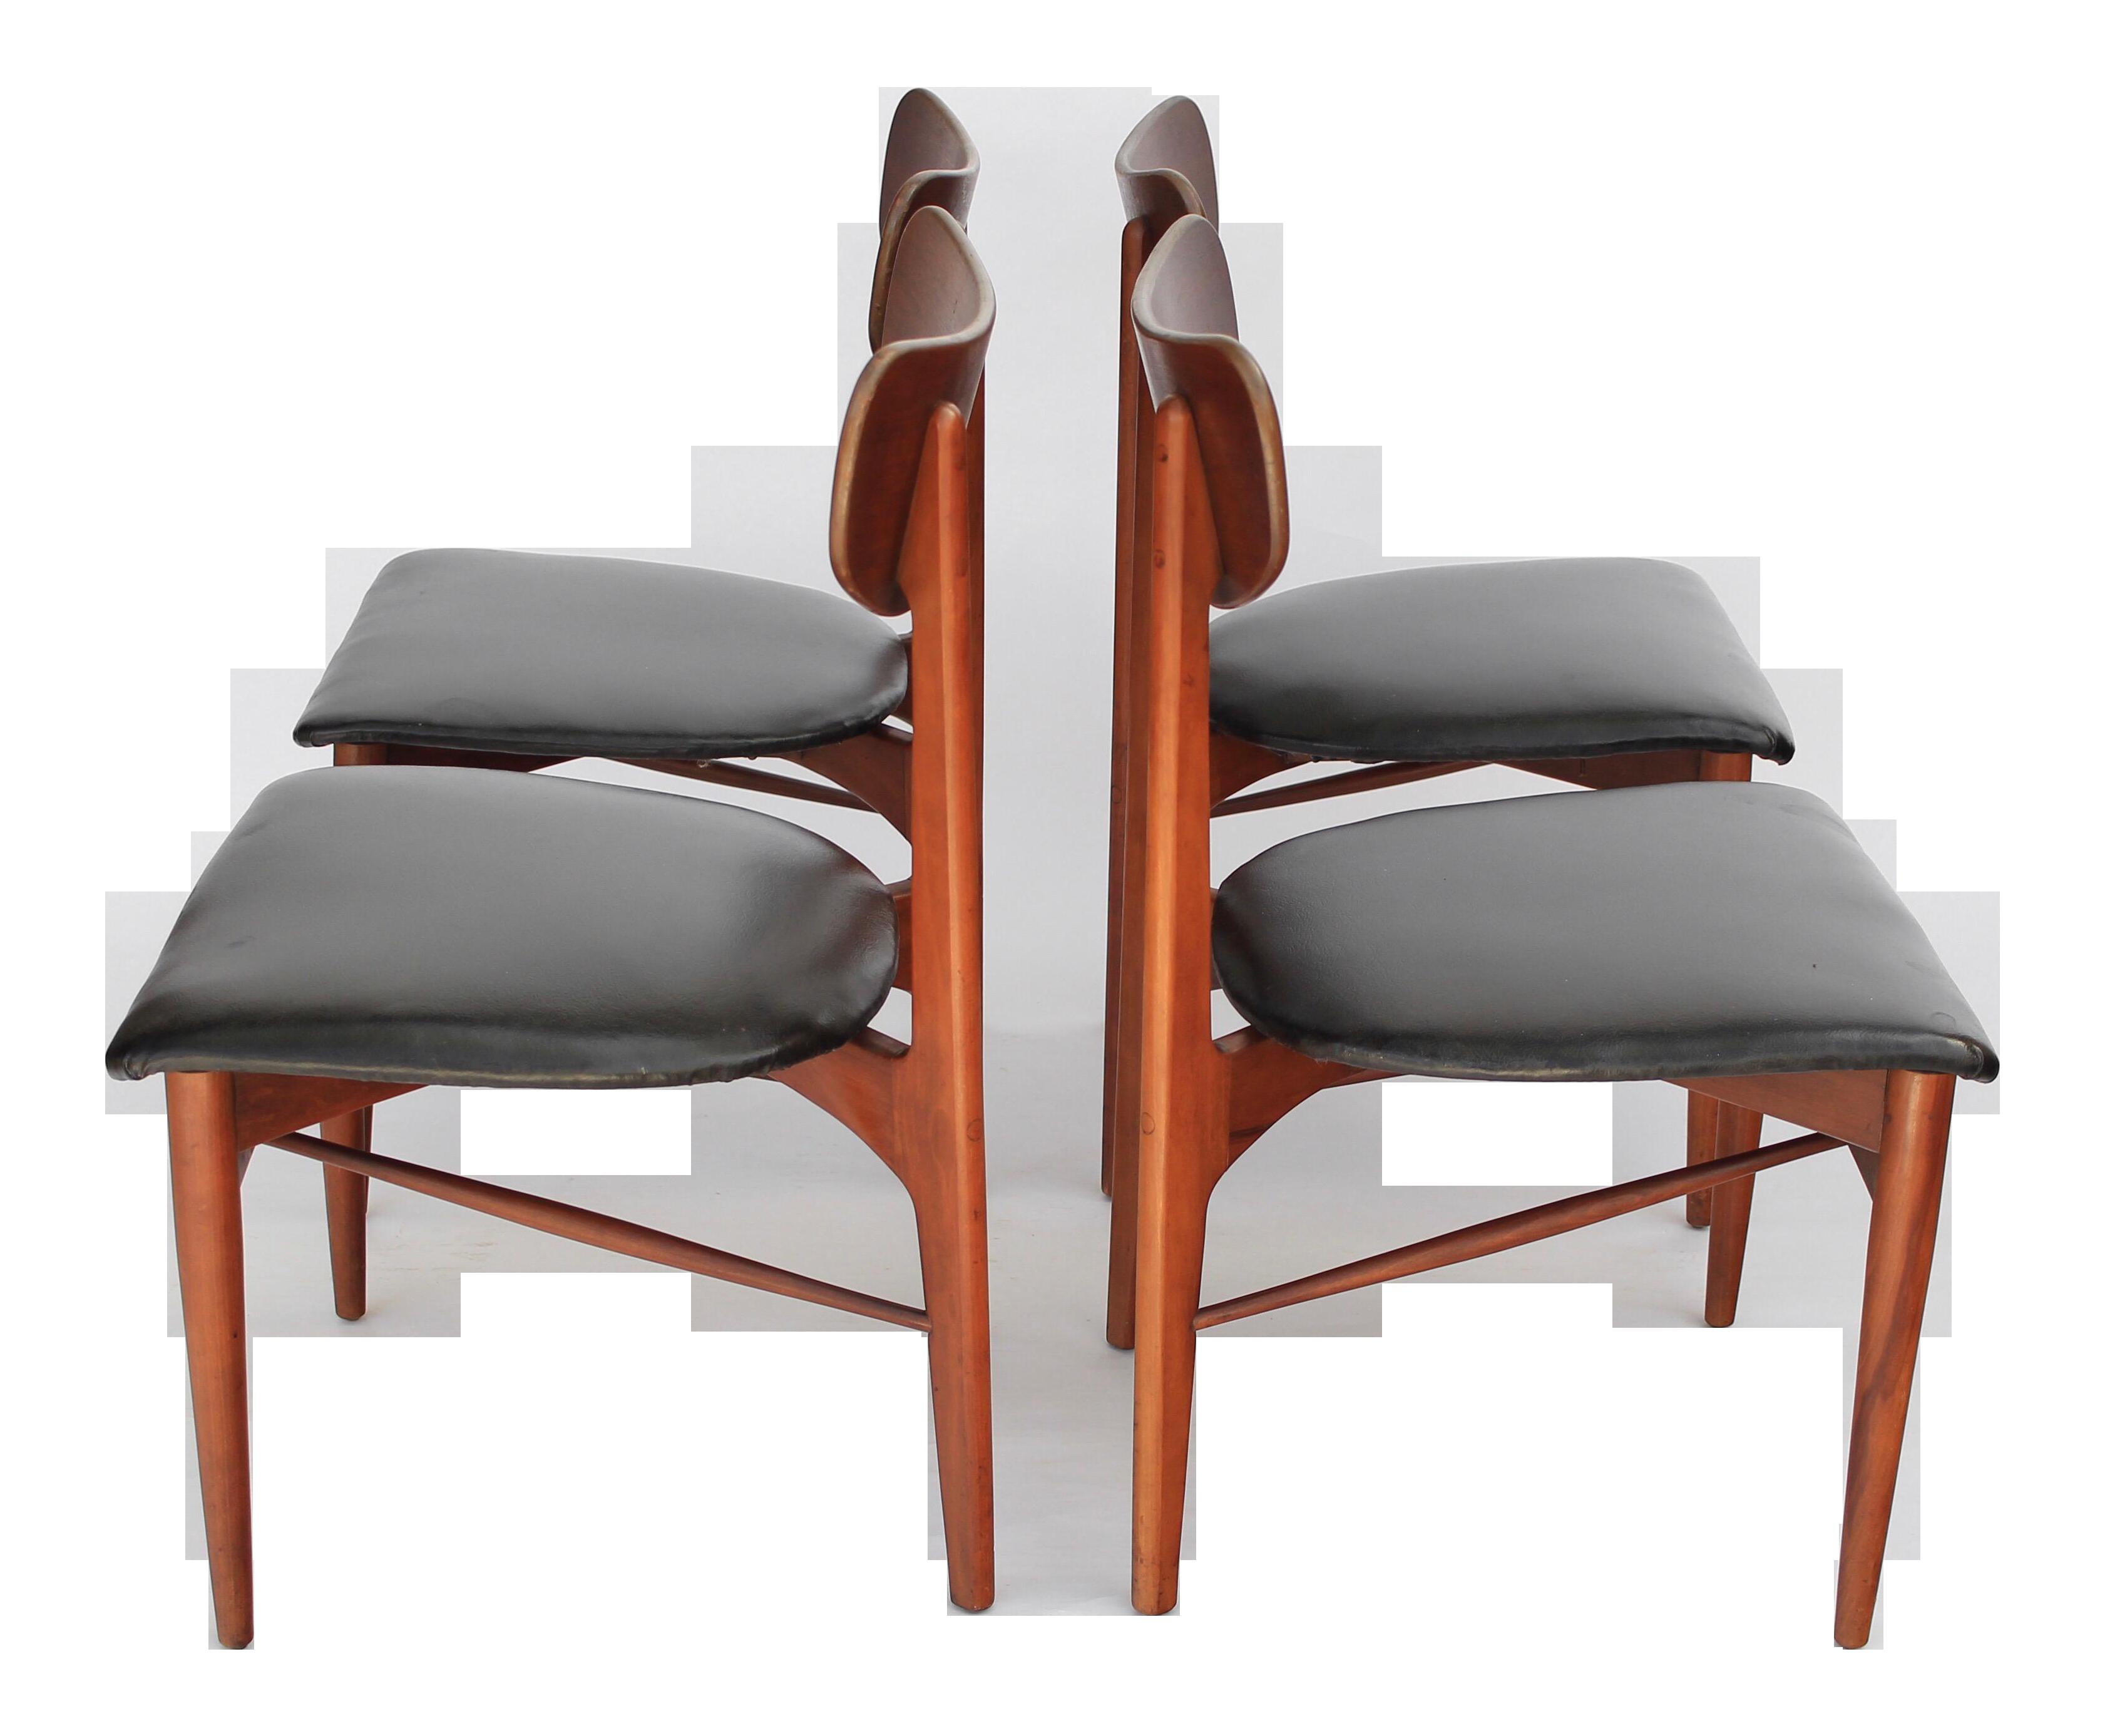 Mid century danish modern dining chairs set of 4 chairish